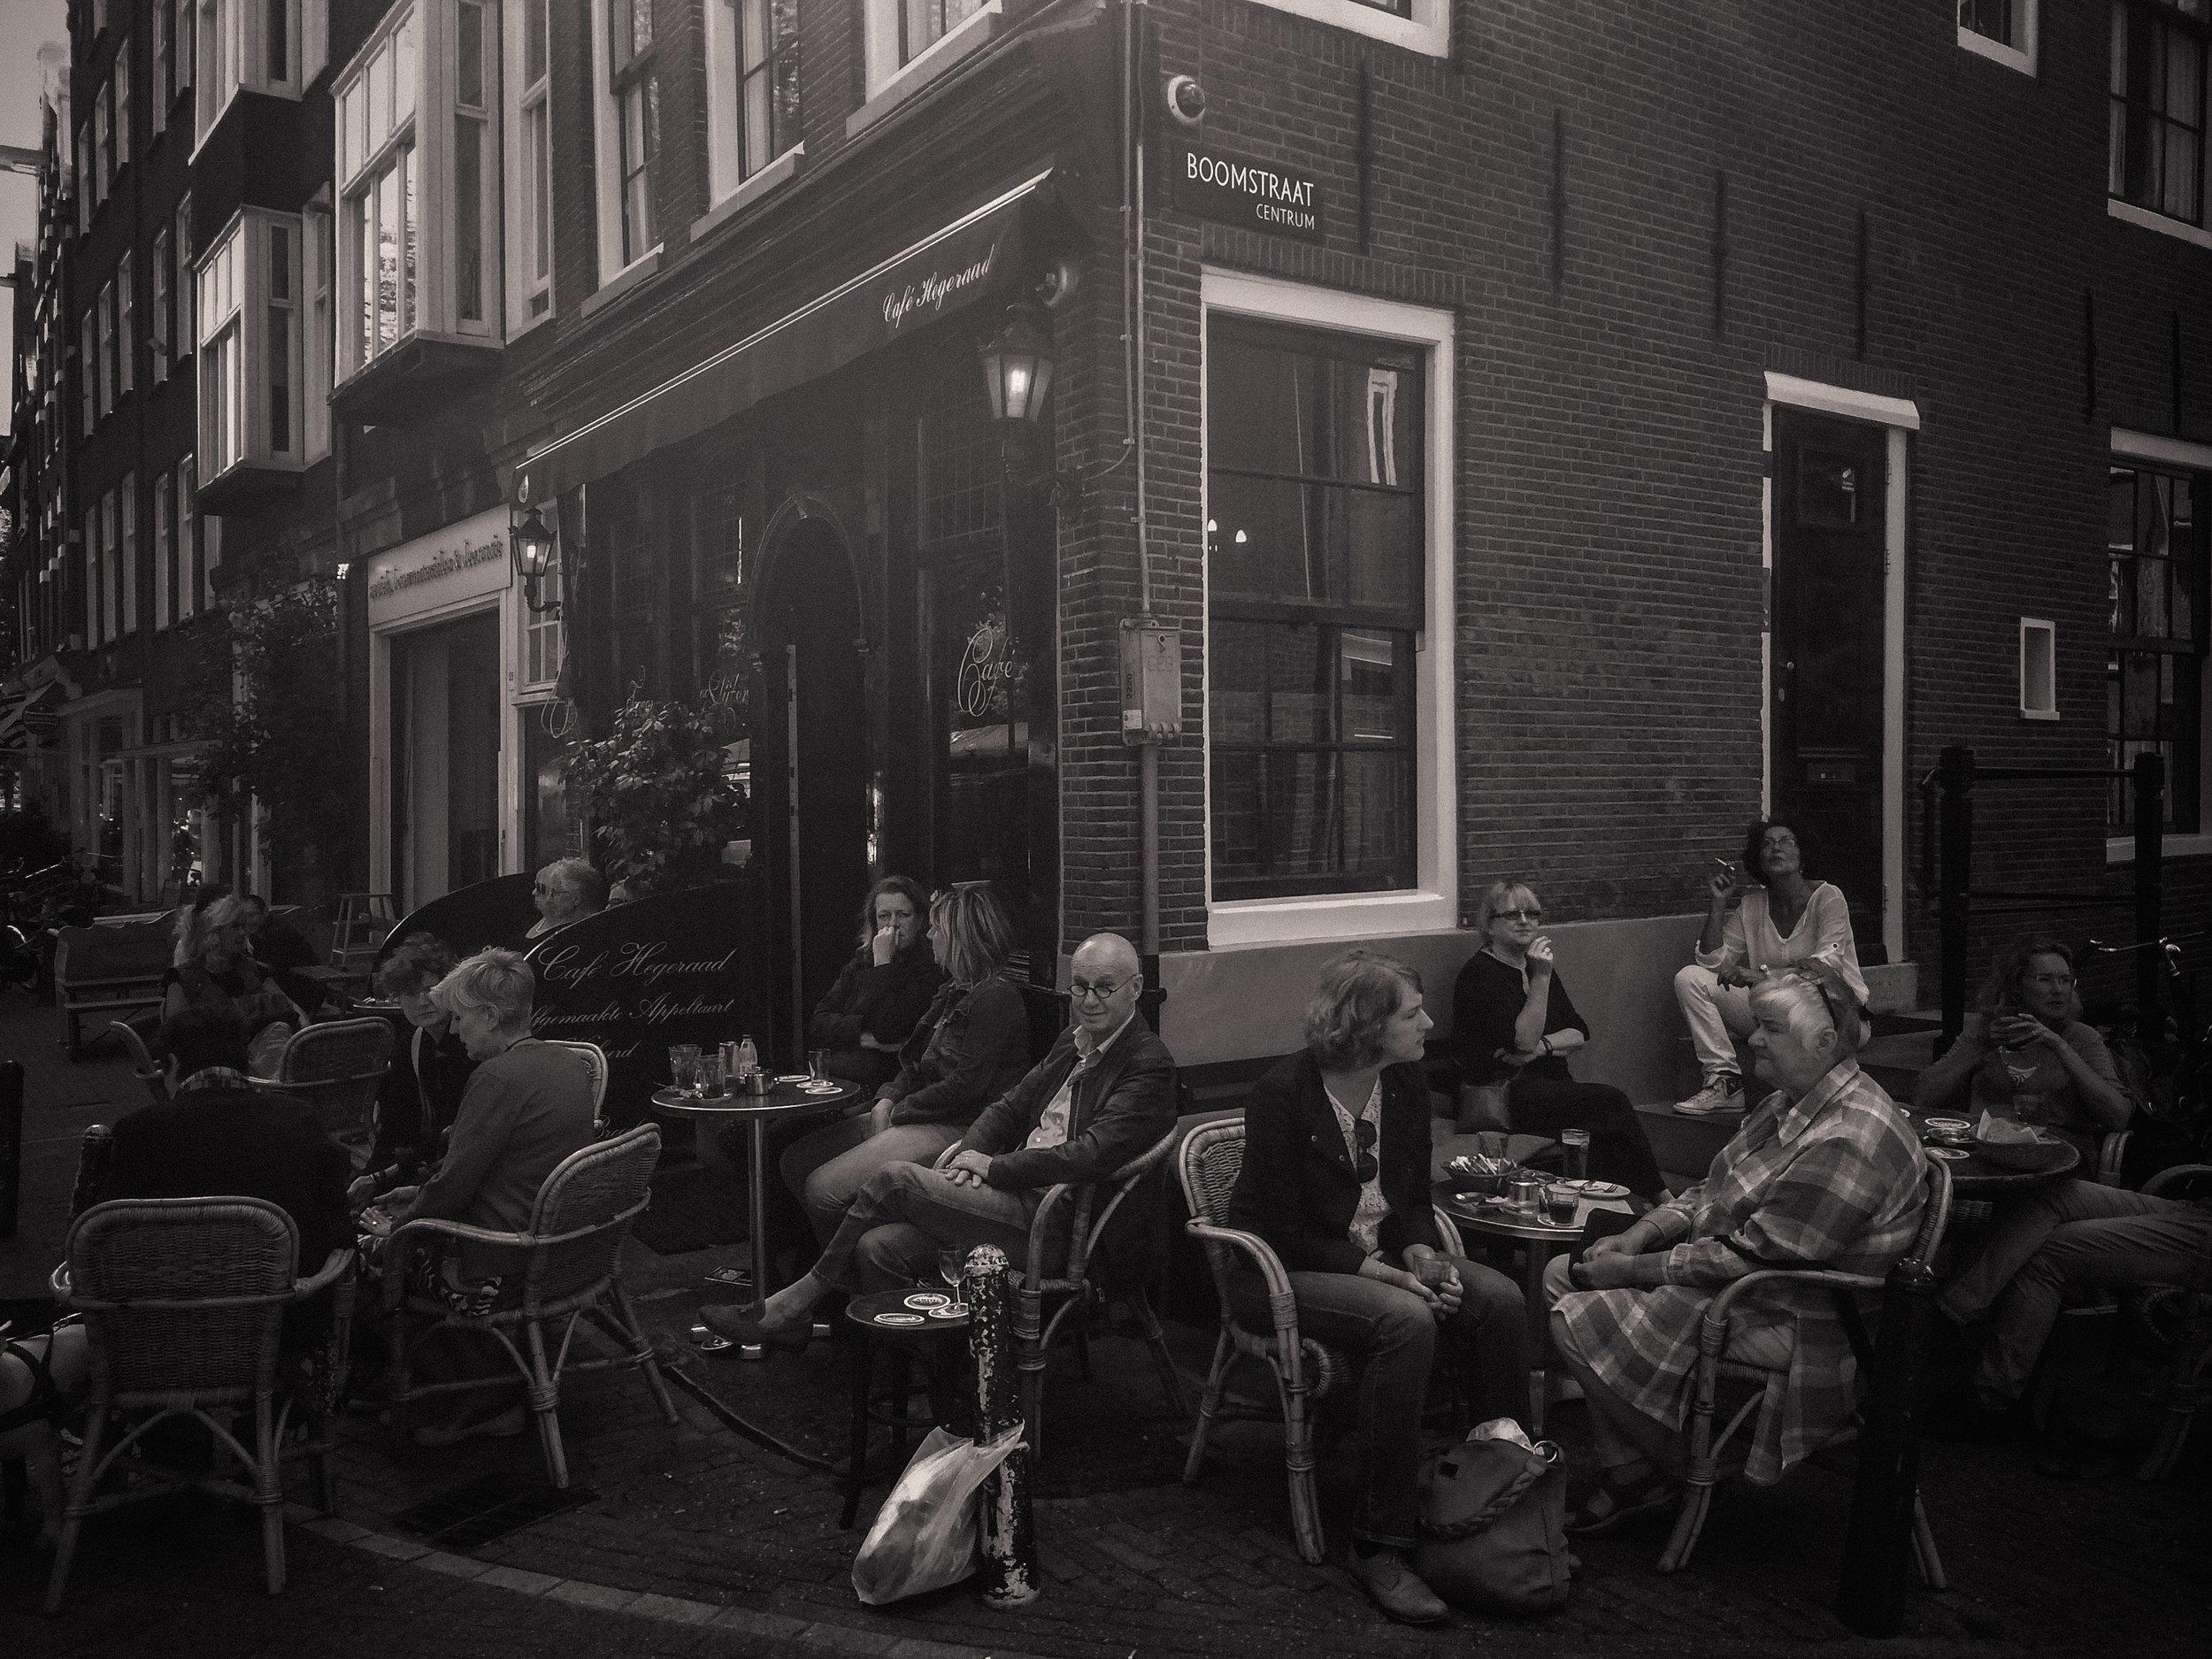 Jordaan, Amsterdam - 2014